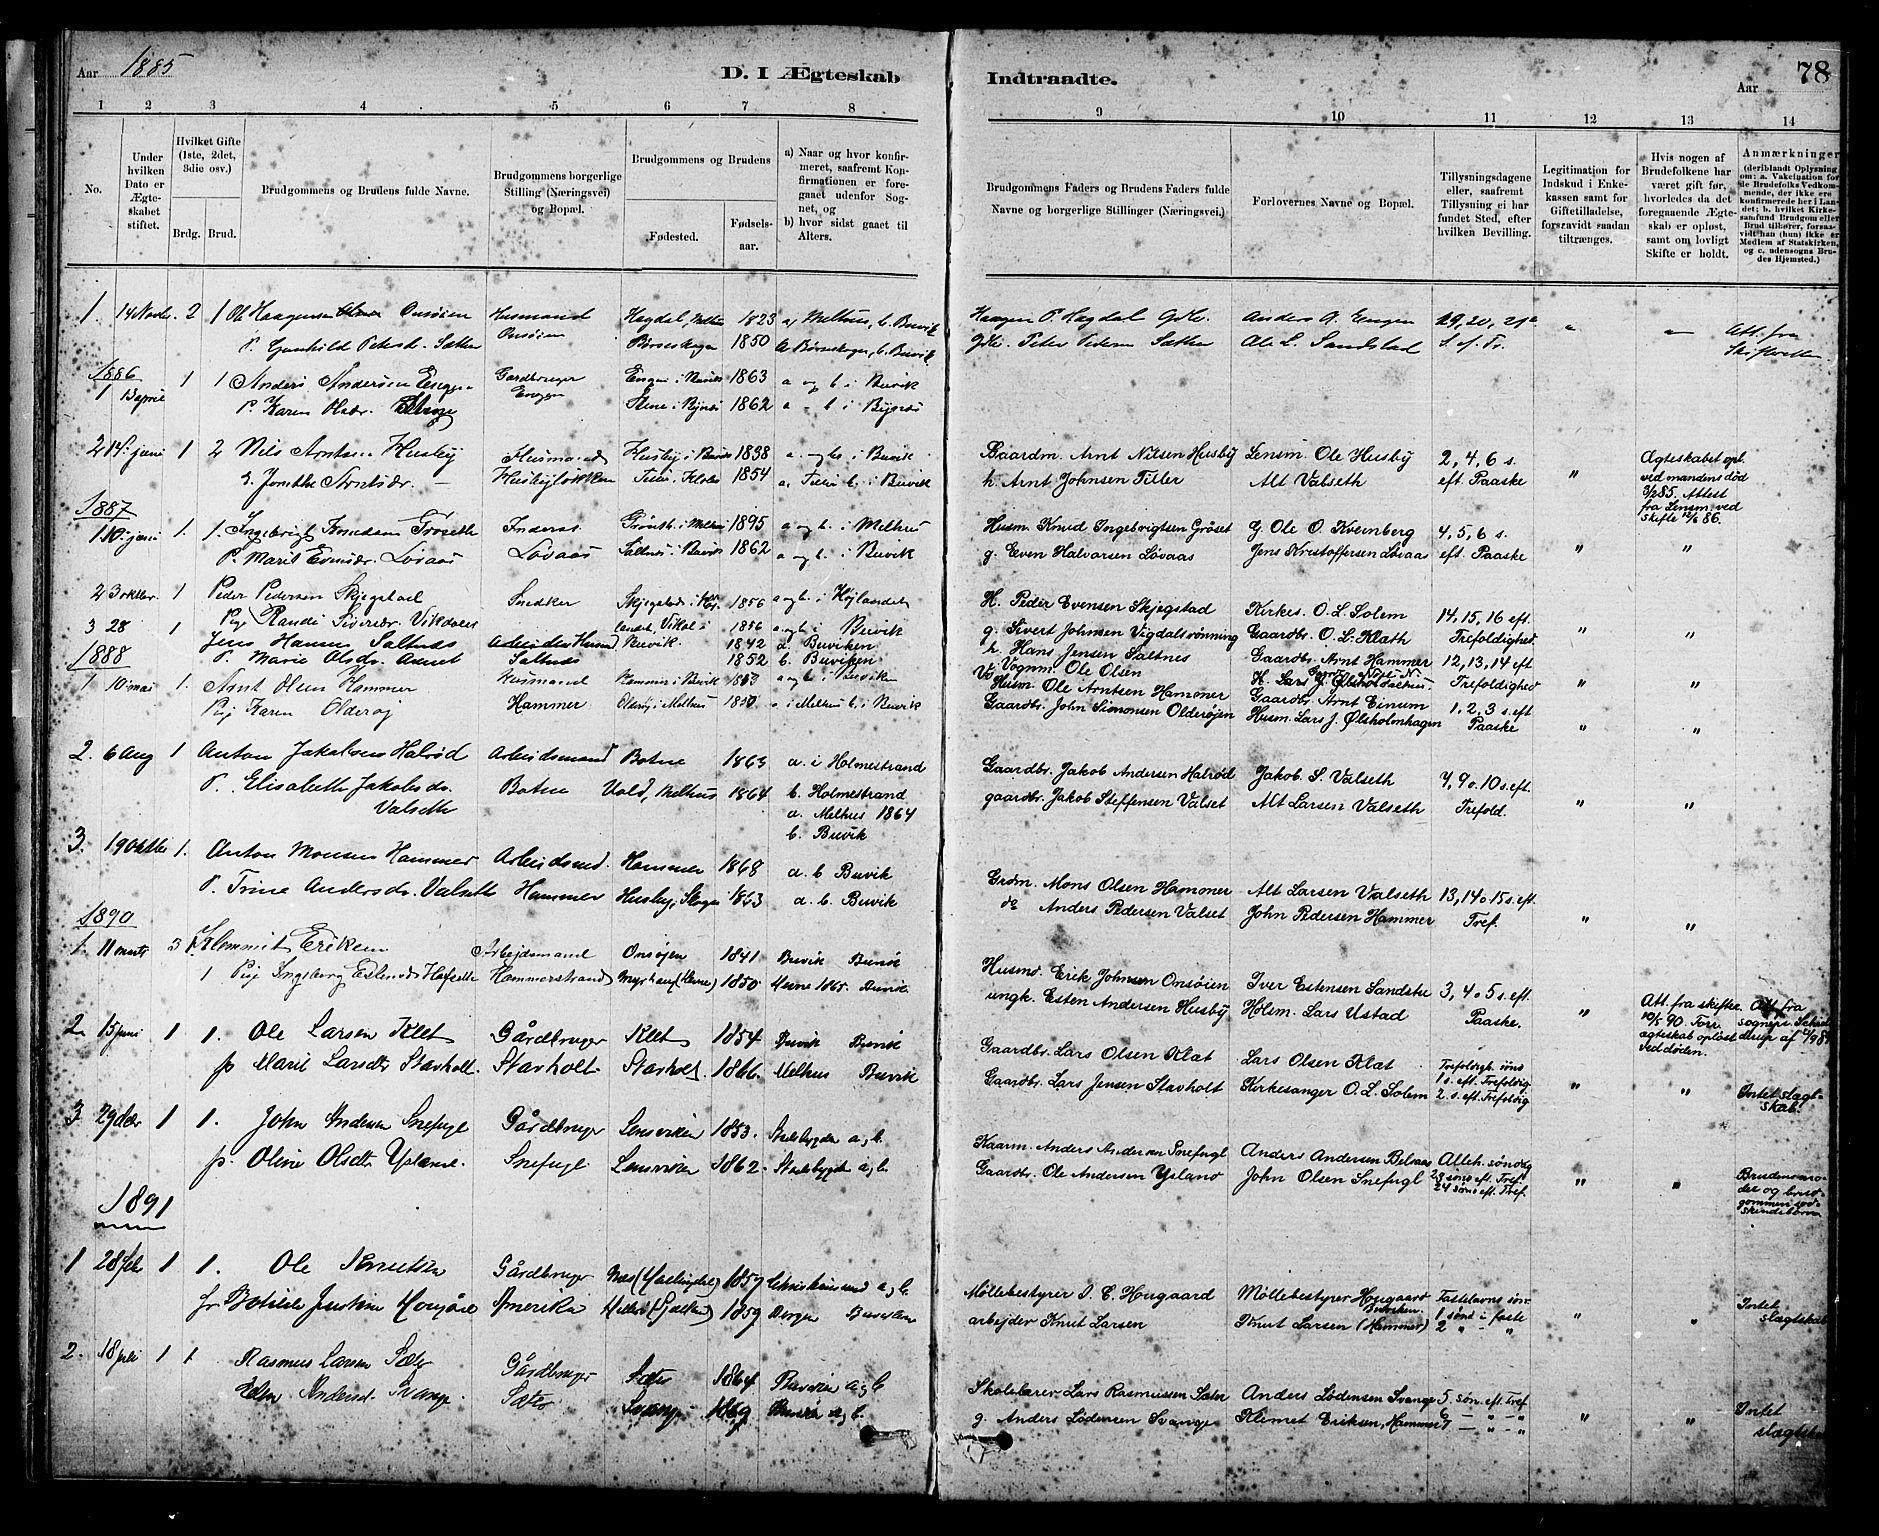 SAT, Ministerialprotokoller, klokkerbøker og fødselsregistre - Sør-Trøndelag, 666/L0790: Klokkerbok nr. 666C03, 1885-1908, s. 78